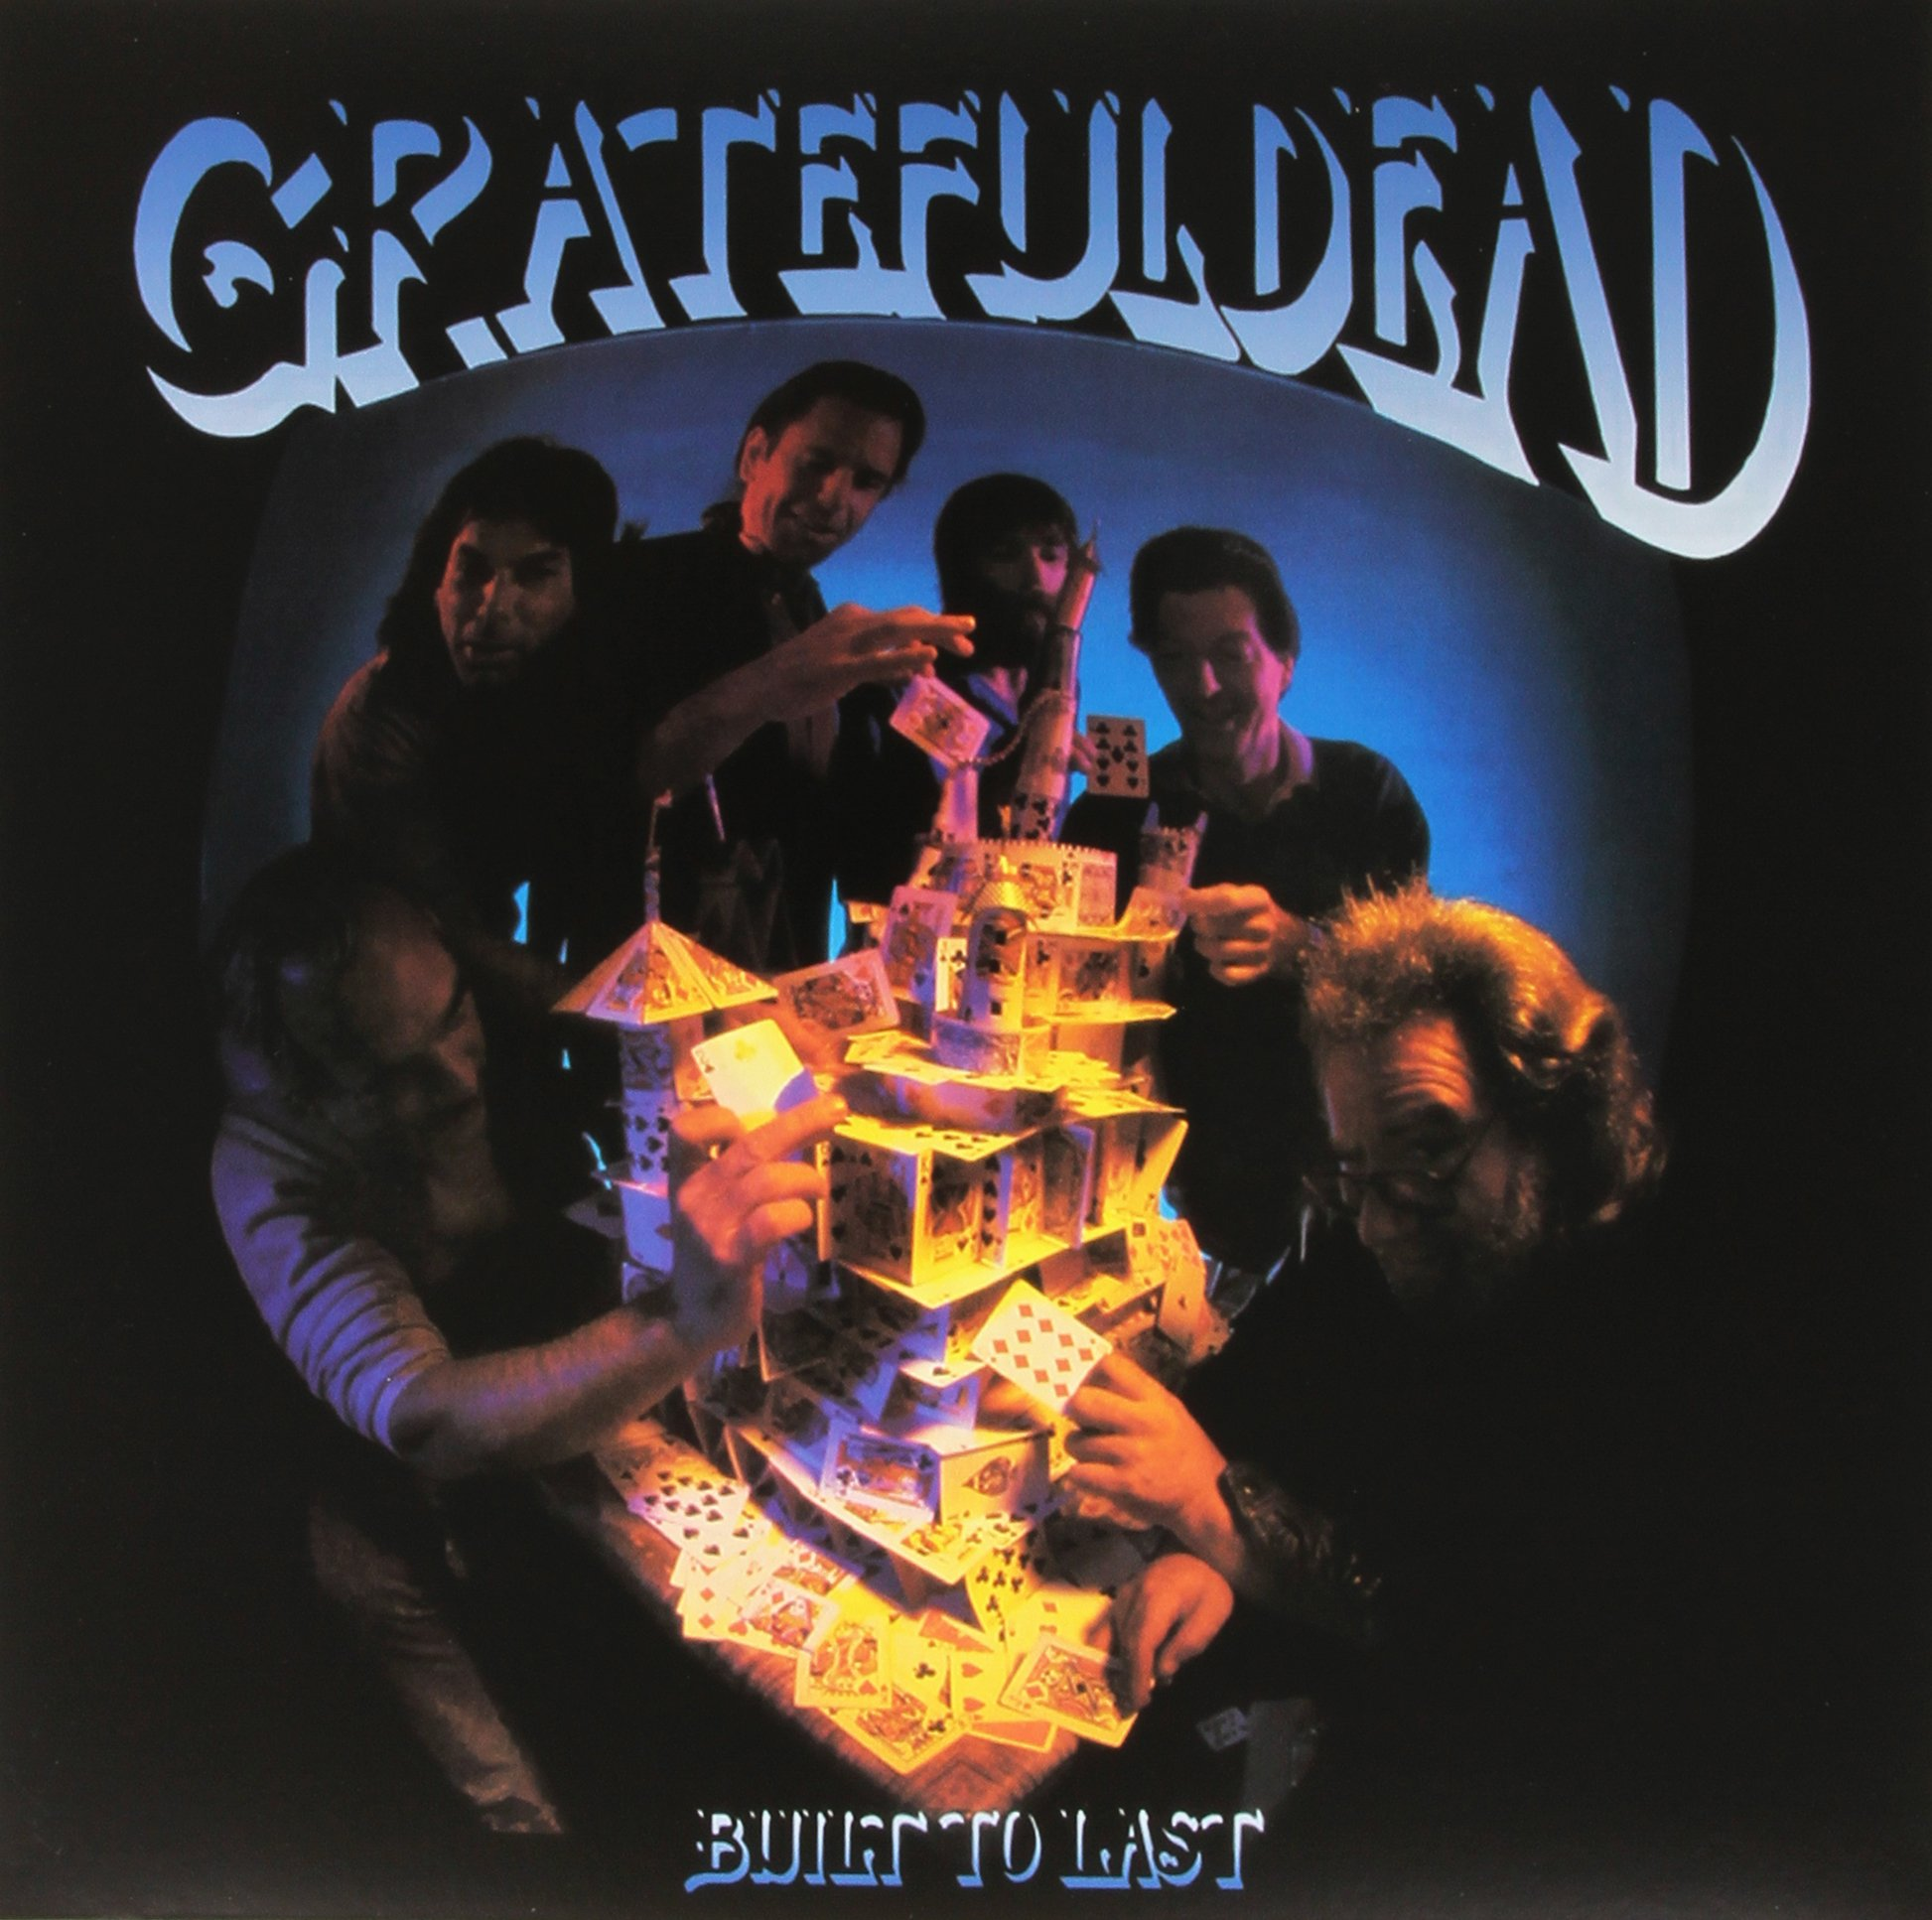 Vinilo : The Grateful Dead - Built to Last (180 Gram Vinyl, Limited Edition)